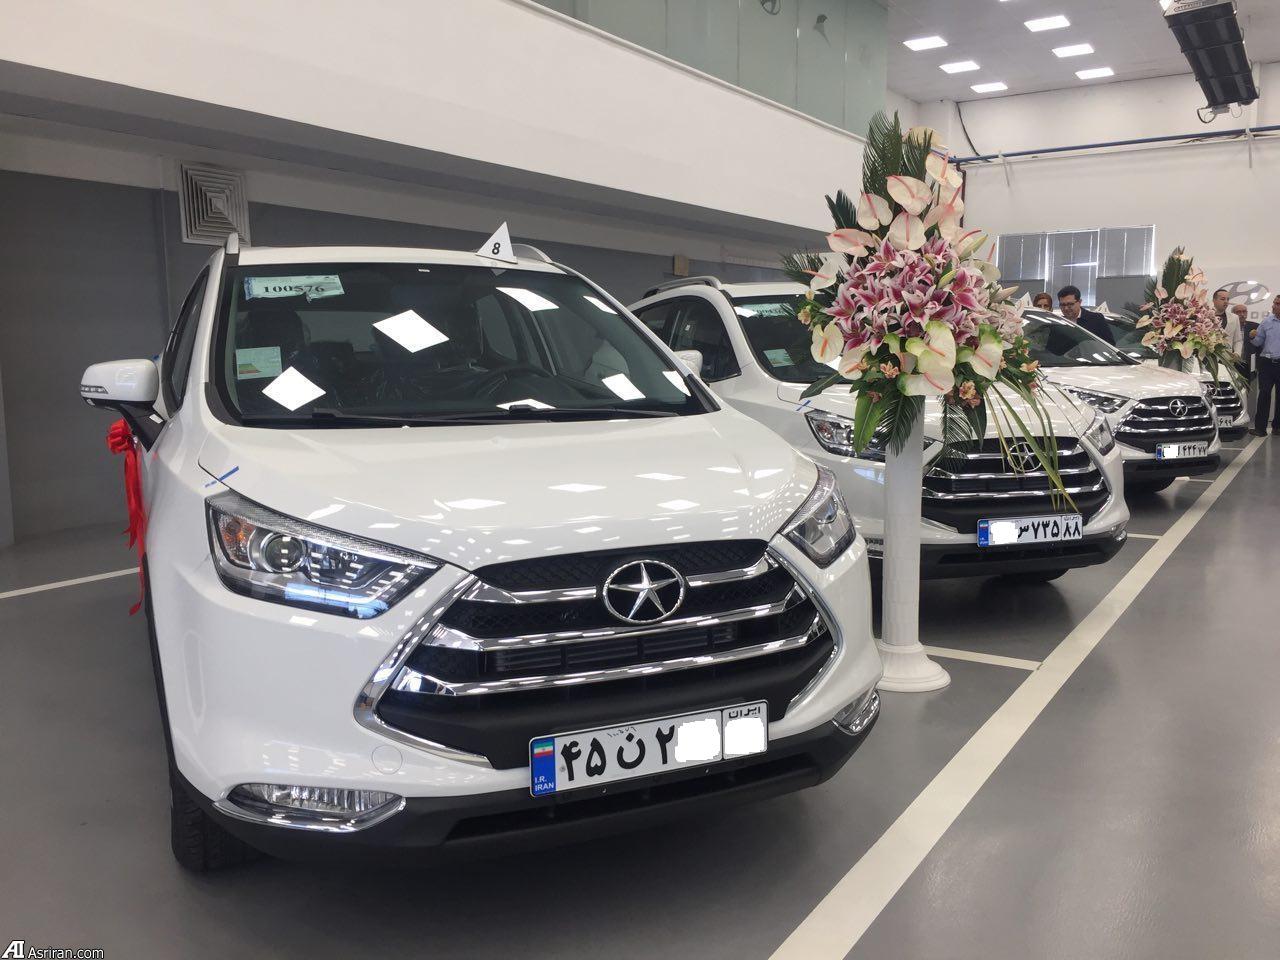 فروش اقساطی 3 خودرو کرمان موتور آغاز شد/ جک S5 جدید هم به طرح فروش آمد (+جدول فروش)